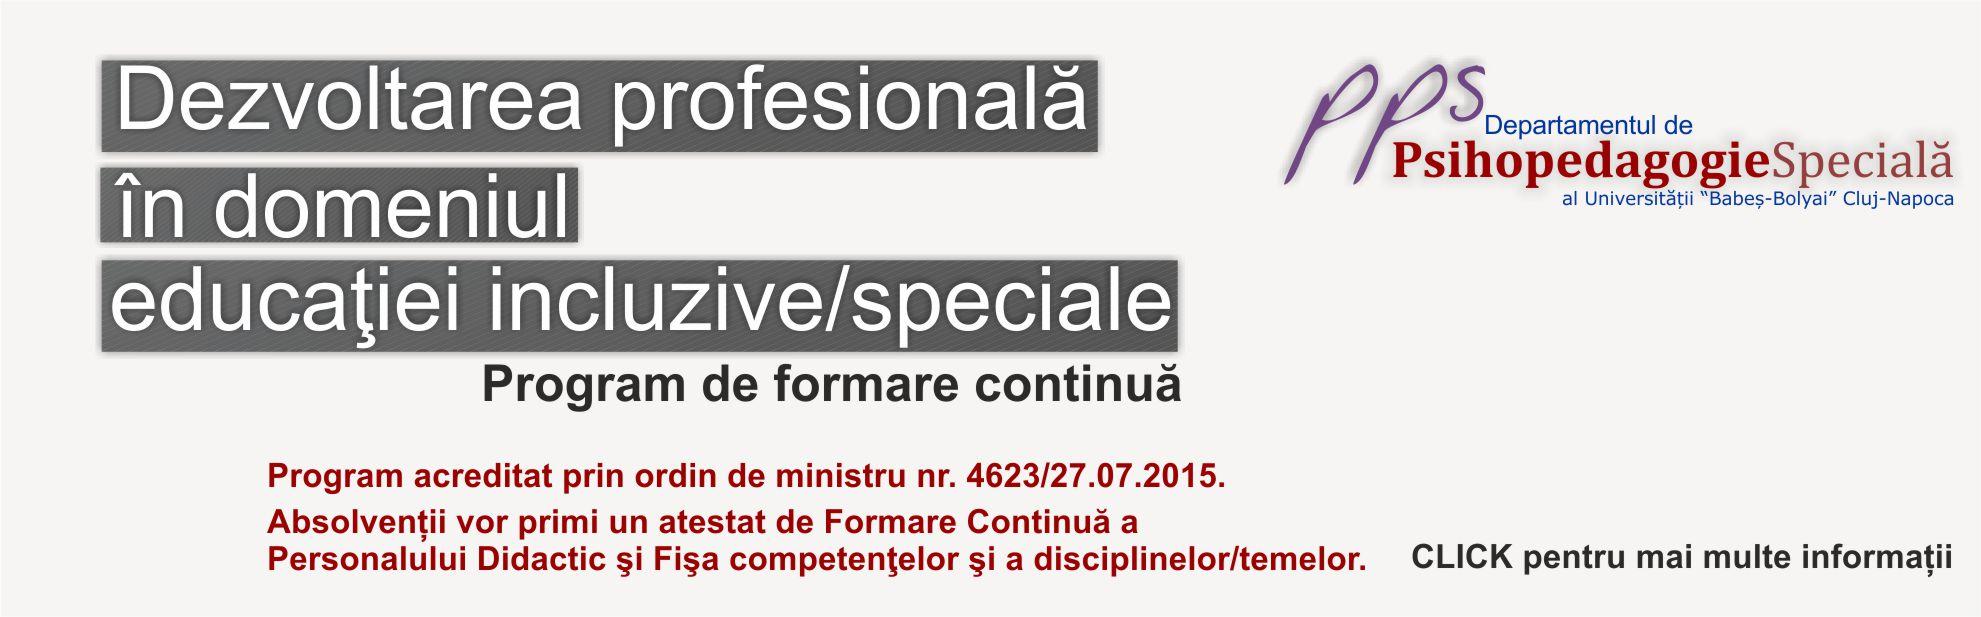 logo -  Program de formare continuă Dezvoltarea profesională în domeniul educaţiei incluzive/speciale